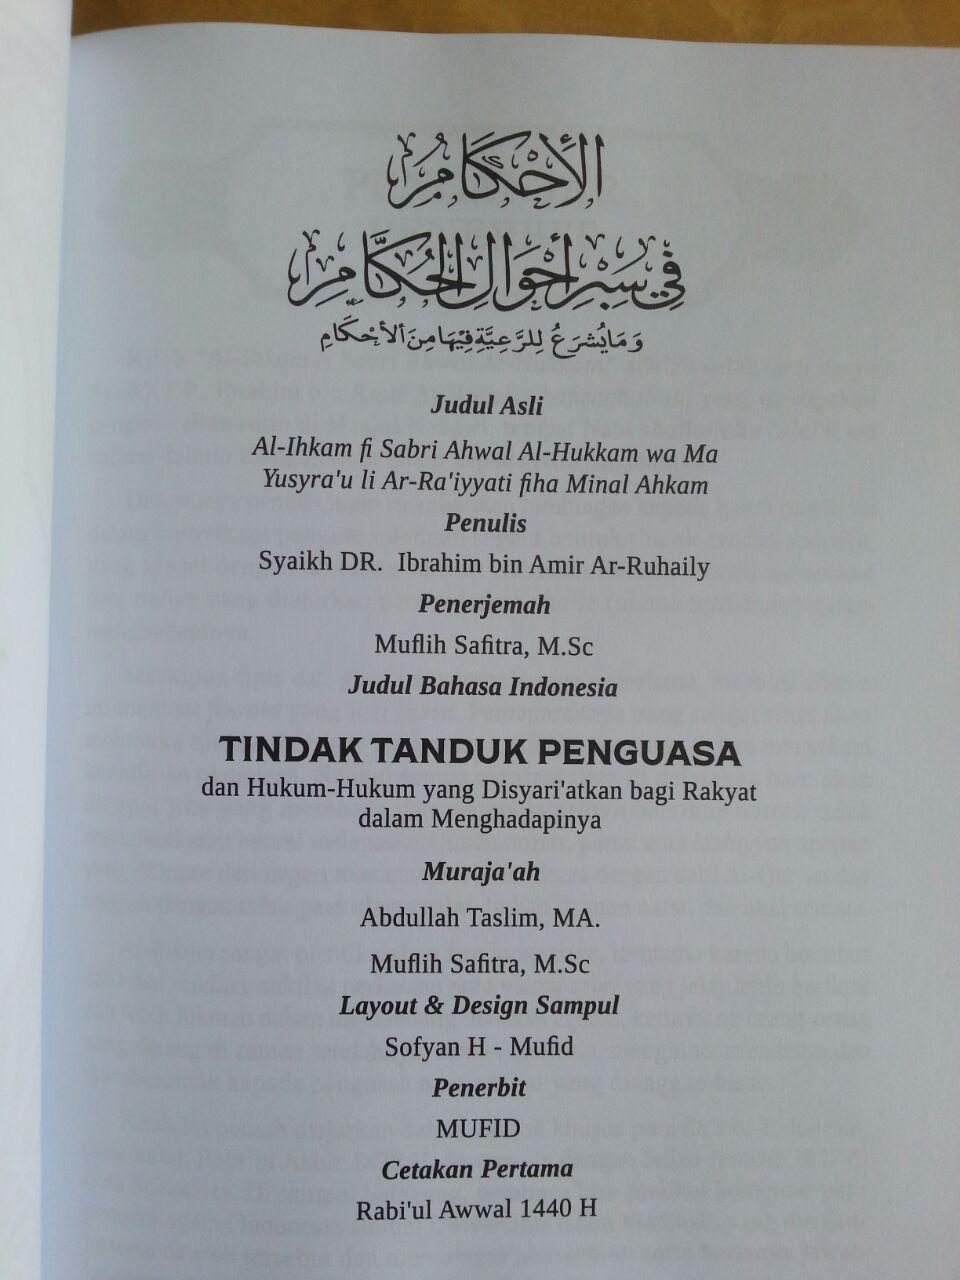 Buku Tindak Tanduk Penguasa Dan Hukum Syariat Rakyat Menghadapinya isi